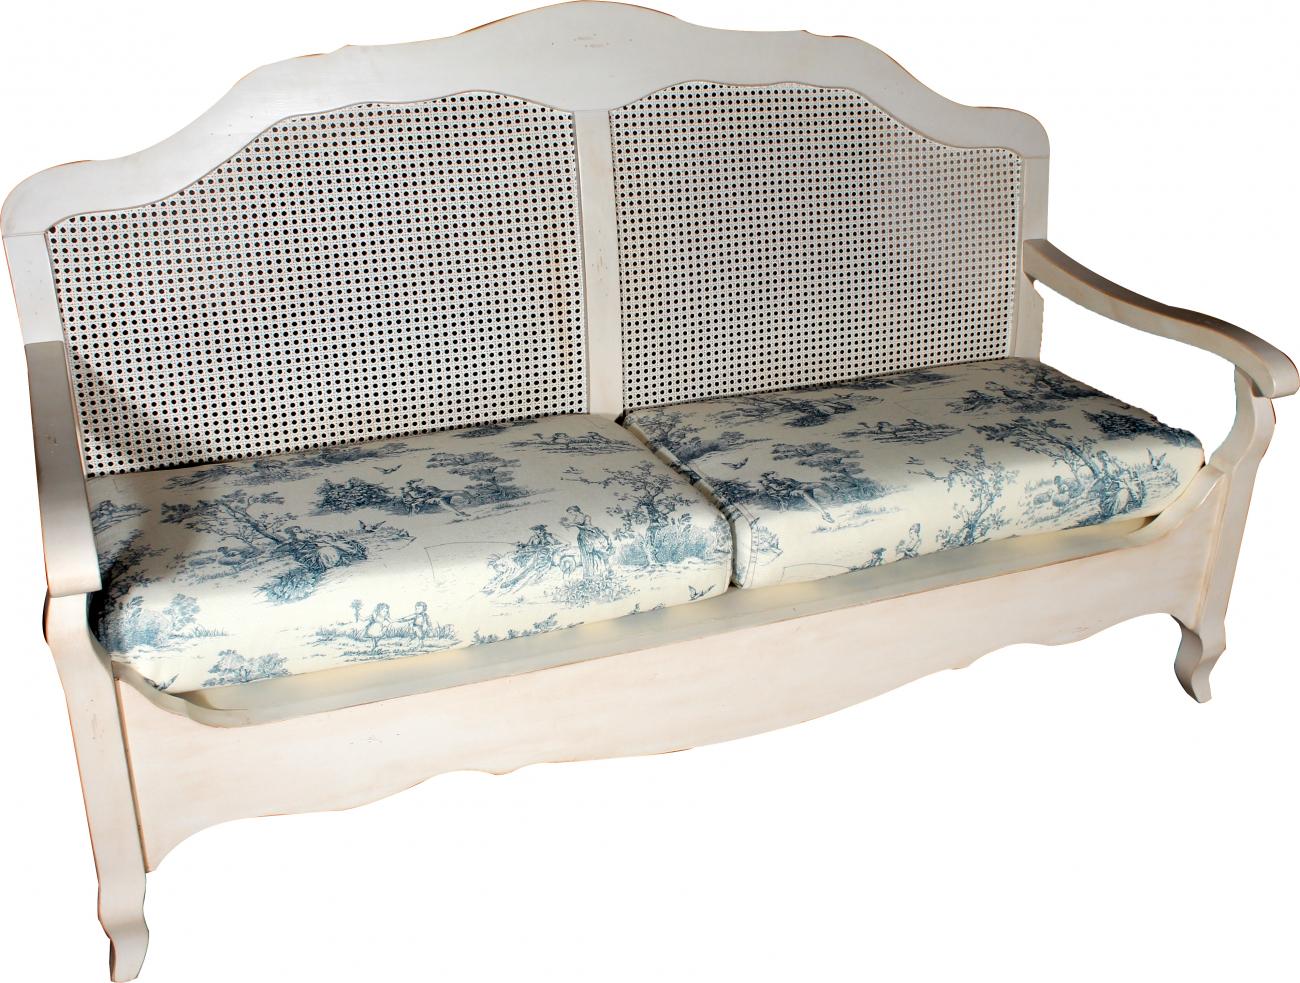 Купить Французкая лавочка Mobilier de Maison Сине-белая в интернет магазине дизайнерской мебели и аксессуаров для дома и дачи